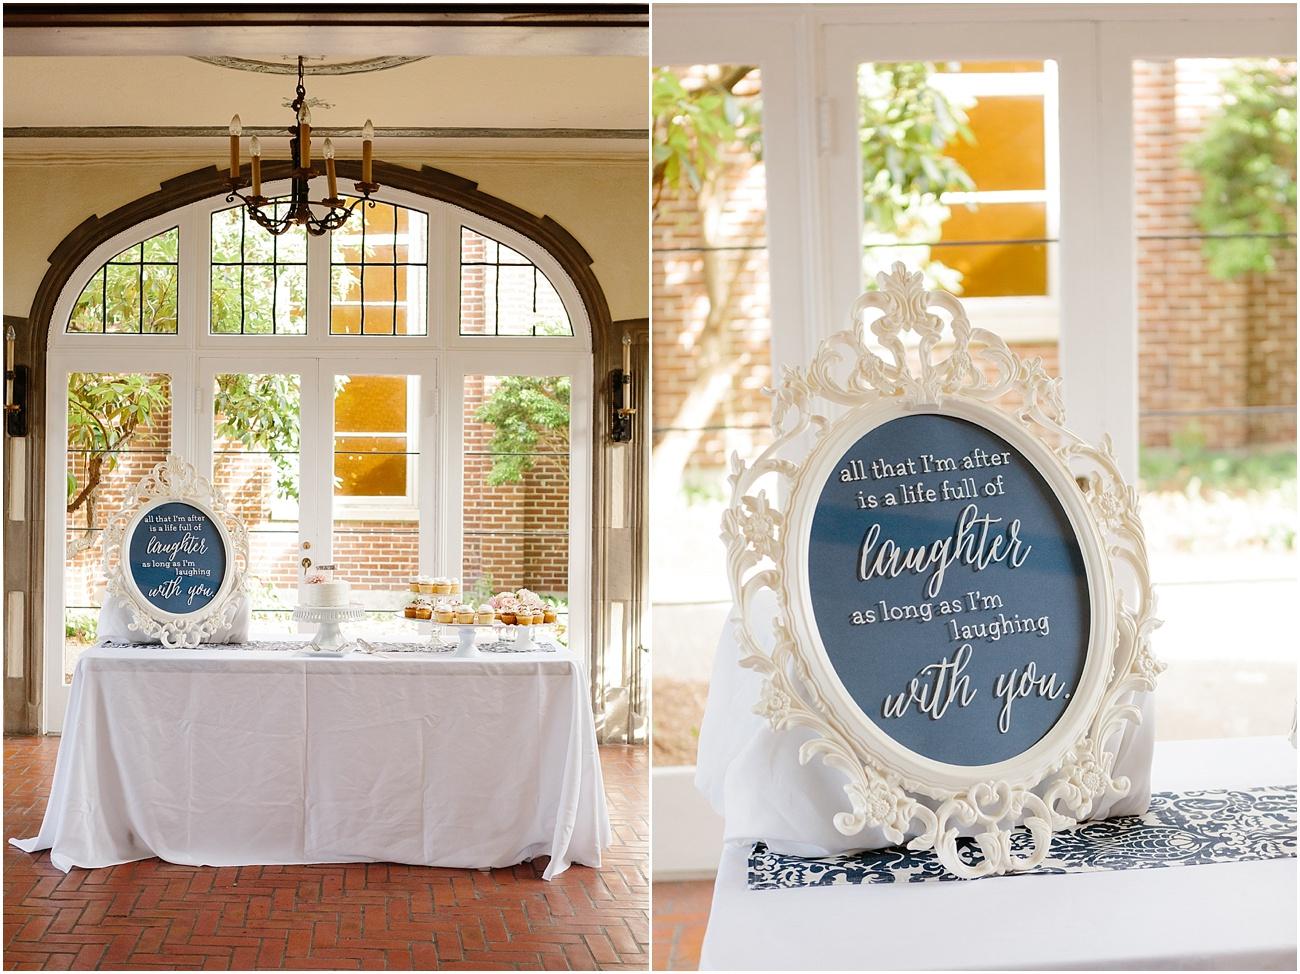 Thomas_WeyerhaeuserEstate_Tacom_Washington_Wedding_0082